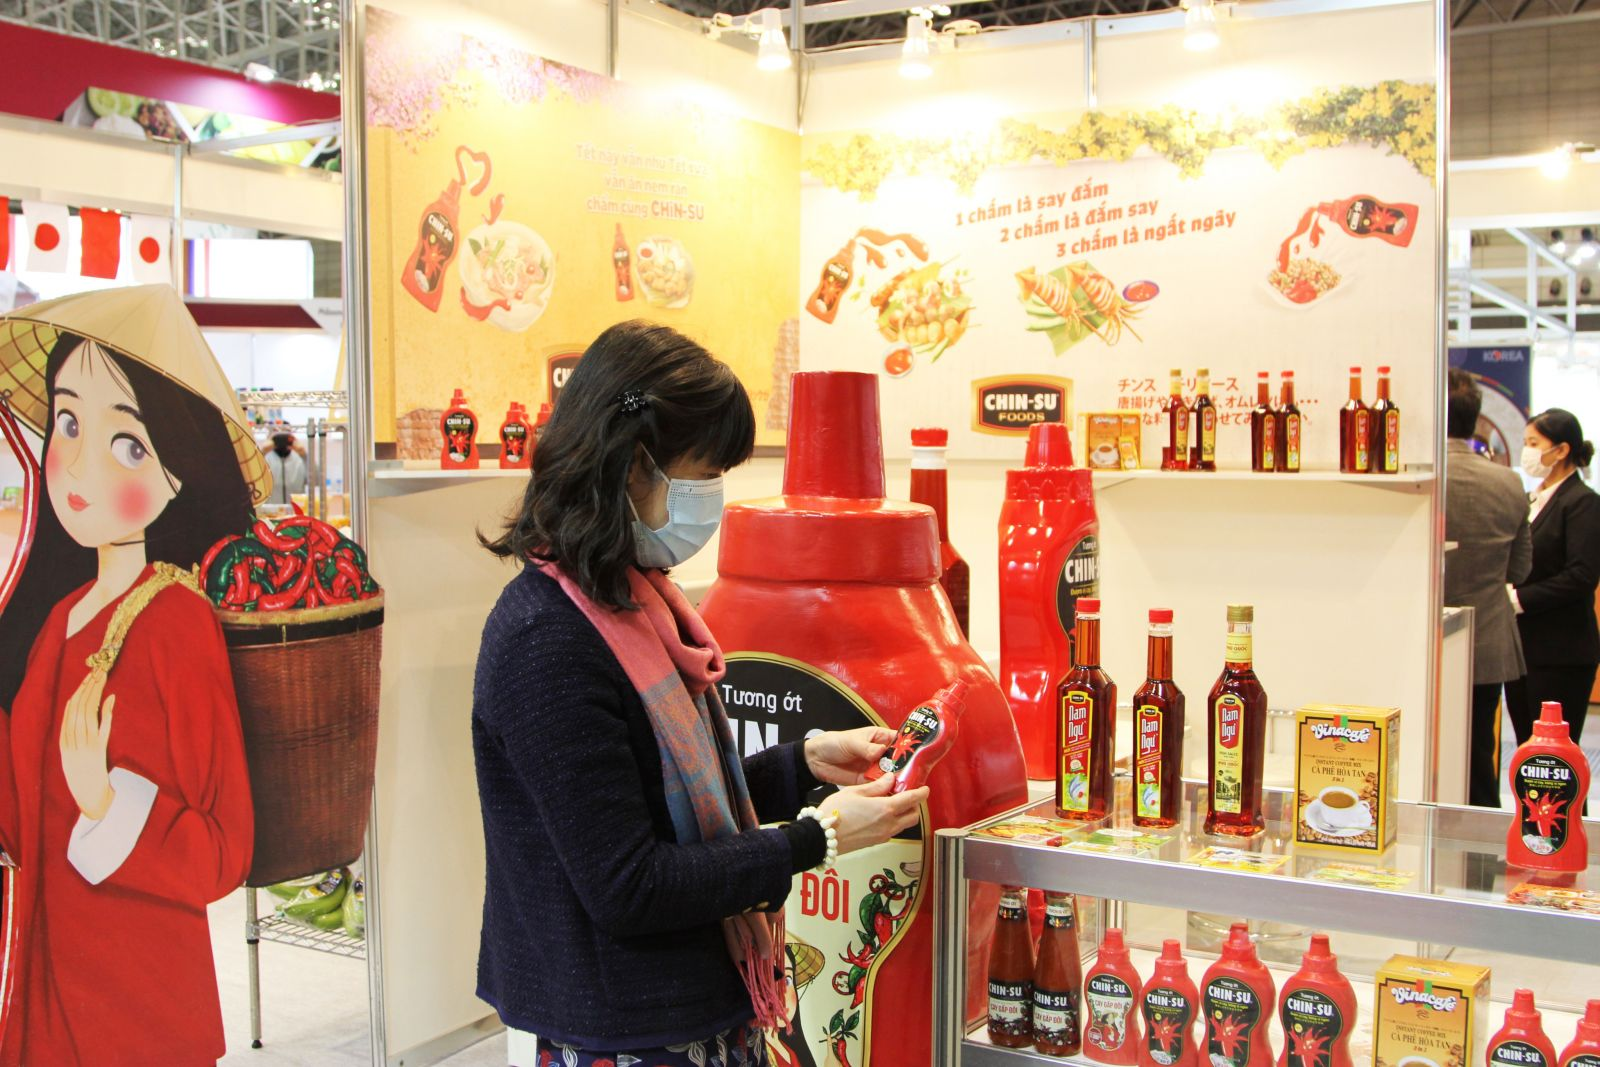 Khách hàng tham quan gian hàng sản phẩm Masan Consumer tại Foodex Japan 2021 - Nguồn TTXVN